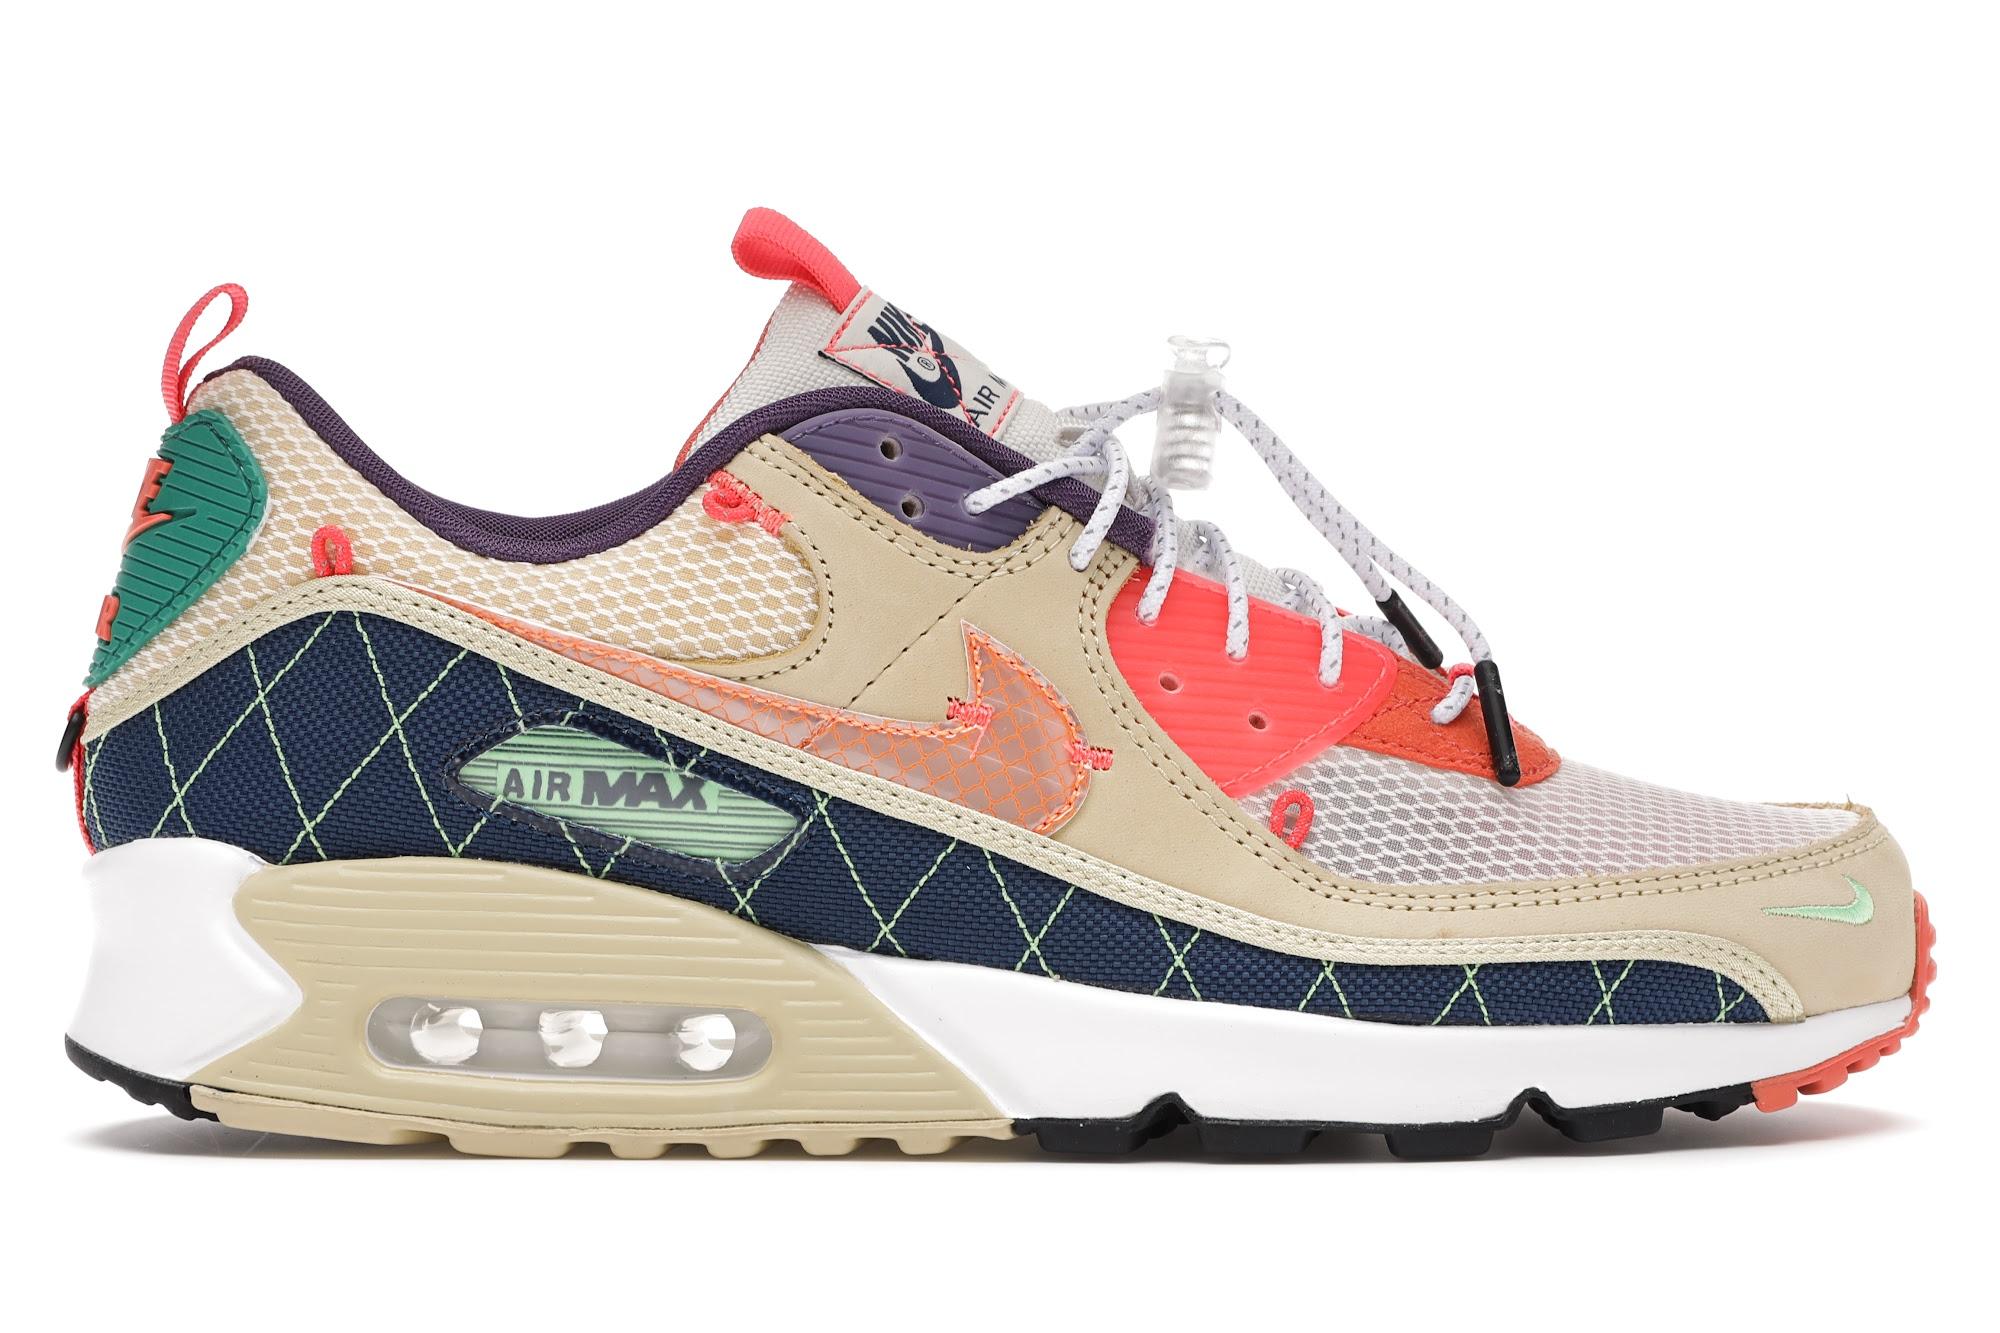 Nike Air Max 90 Trail Team Gold - CZ9078-784